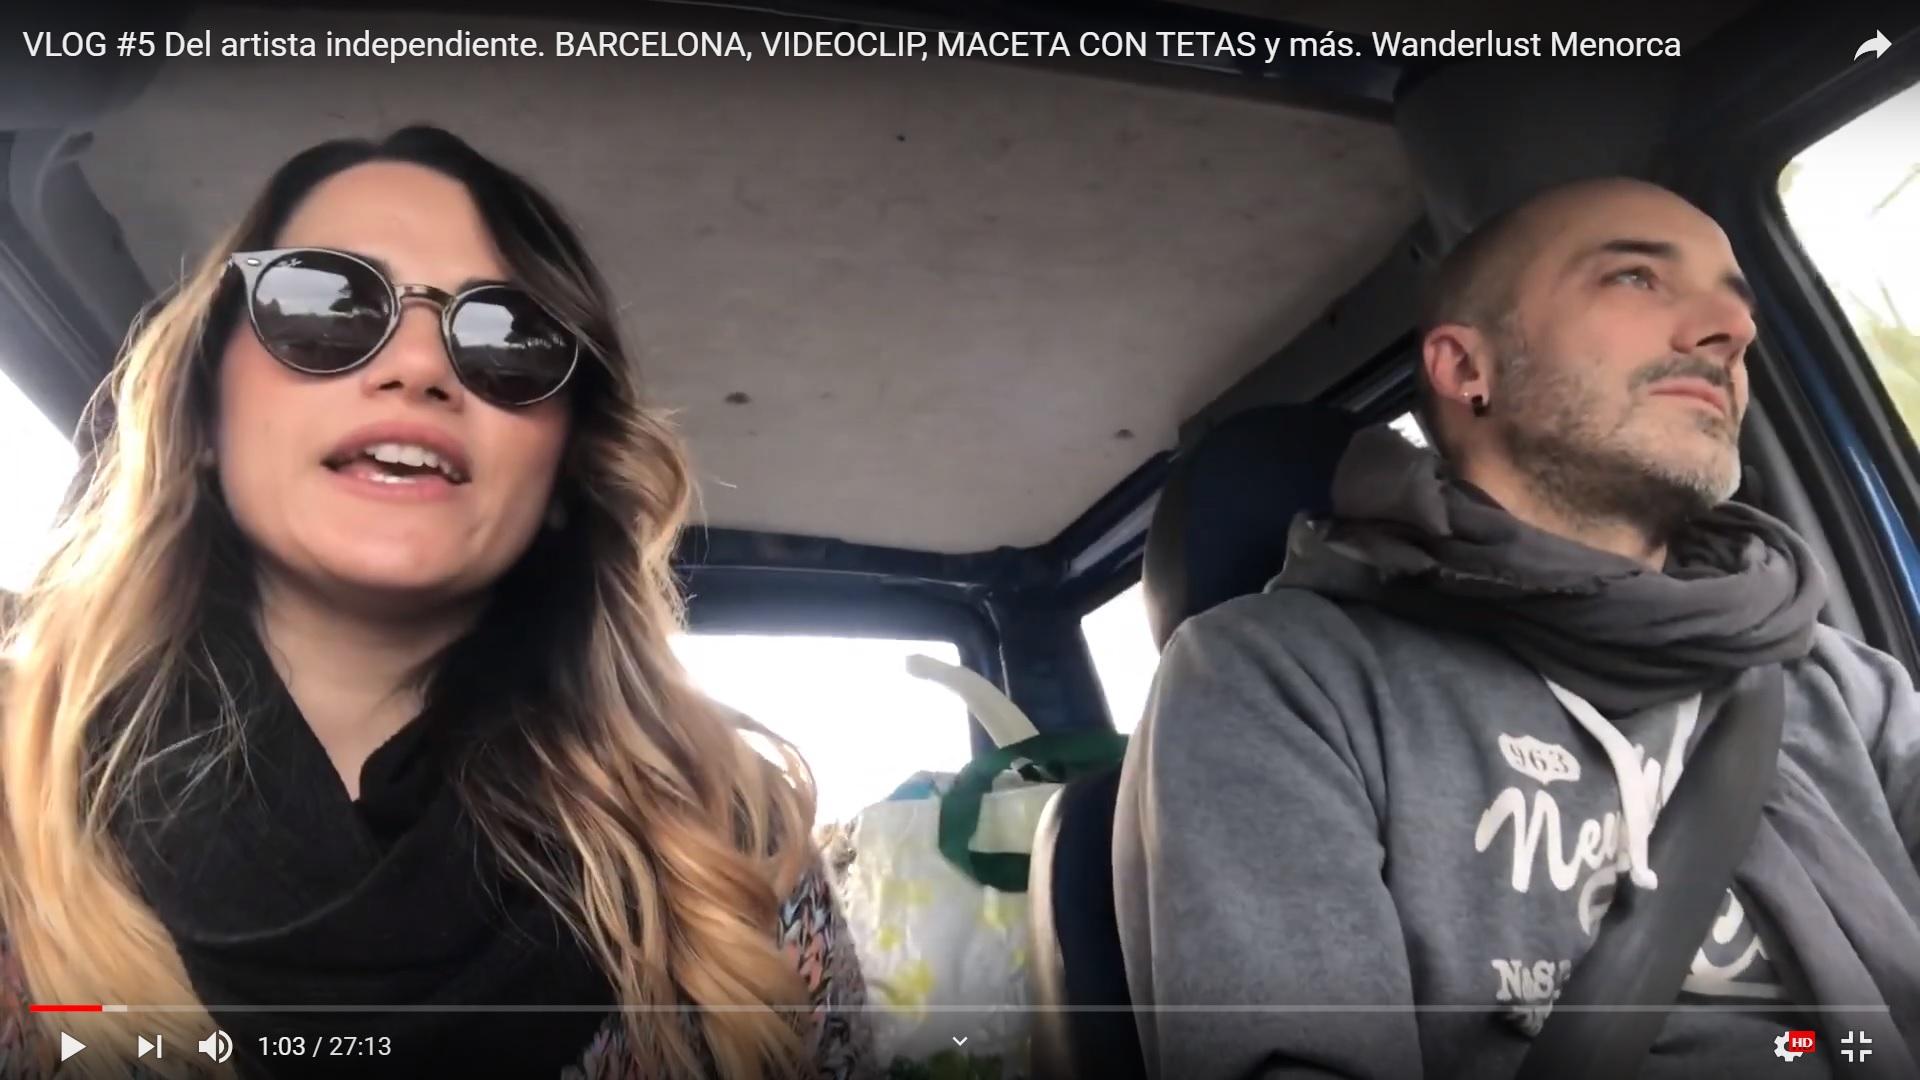 VLOG #5: BARCELONA, VIDEOCLIP, MACETA CON TETAS Y MÁS. Wanderlust Menorca